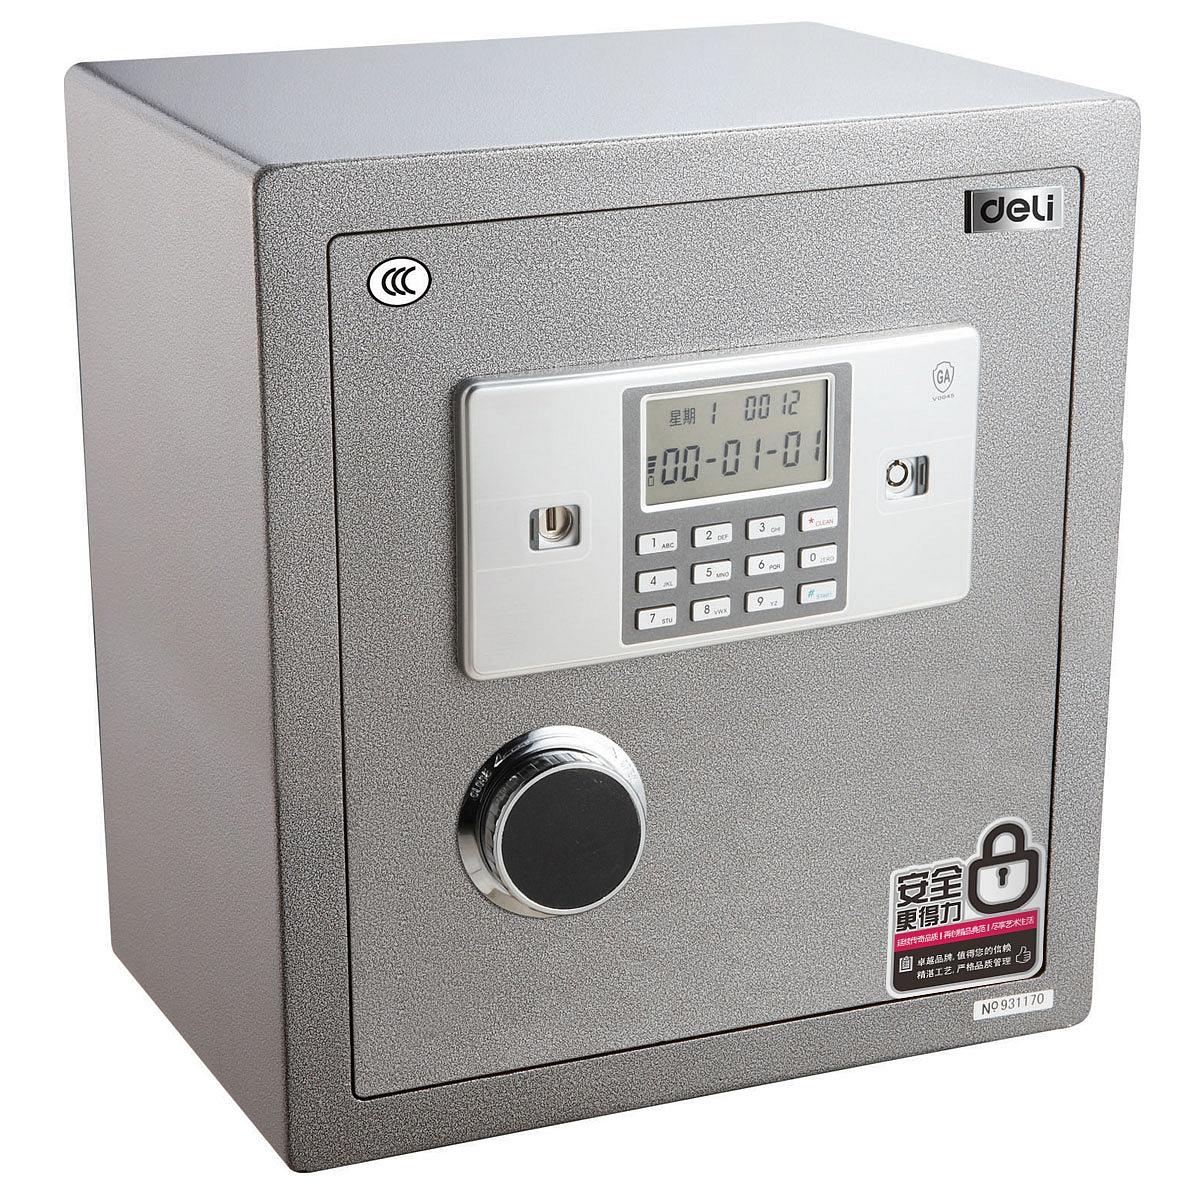 得力 3613-3C 电子保险箱 (单位:台) 银灰